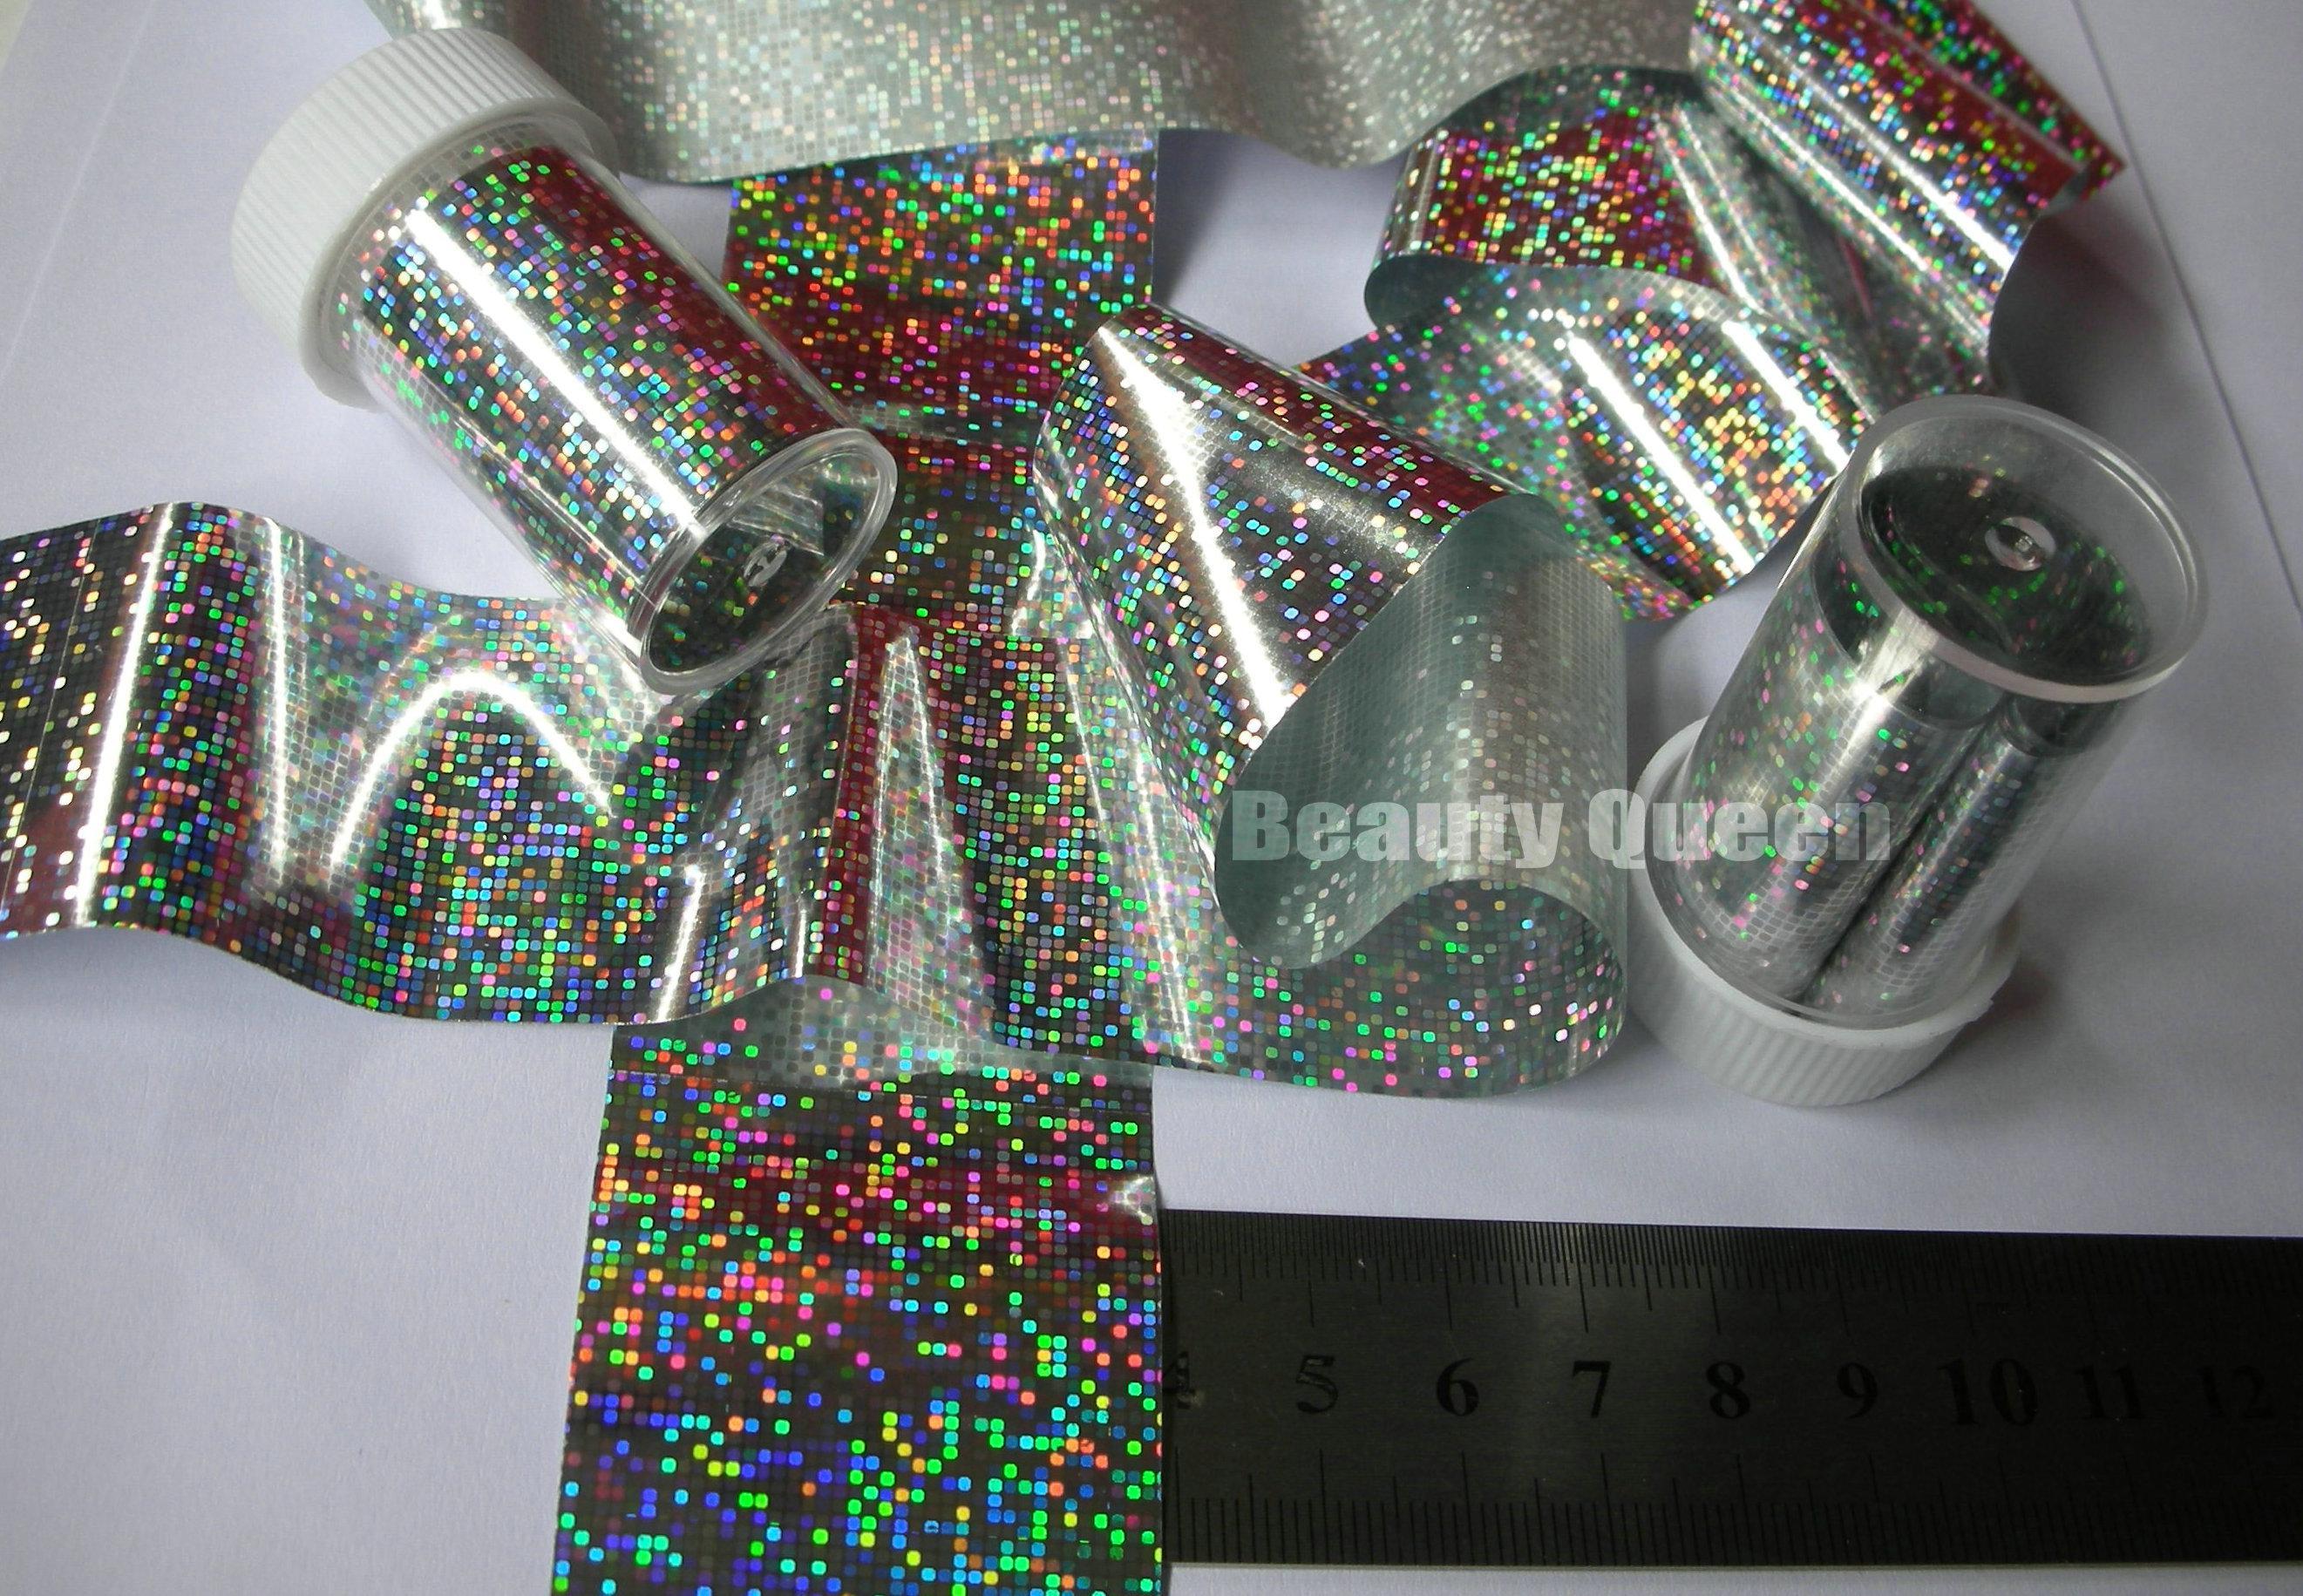 100 couleurs mélangées Glitzy feuille de transfert Nail Art Nail Sticker feuille Wrap Nail Tip Décoration facile Craft Adhesive Gel service Acrlic Nouveau 2013